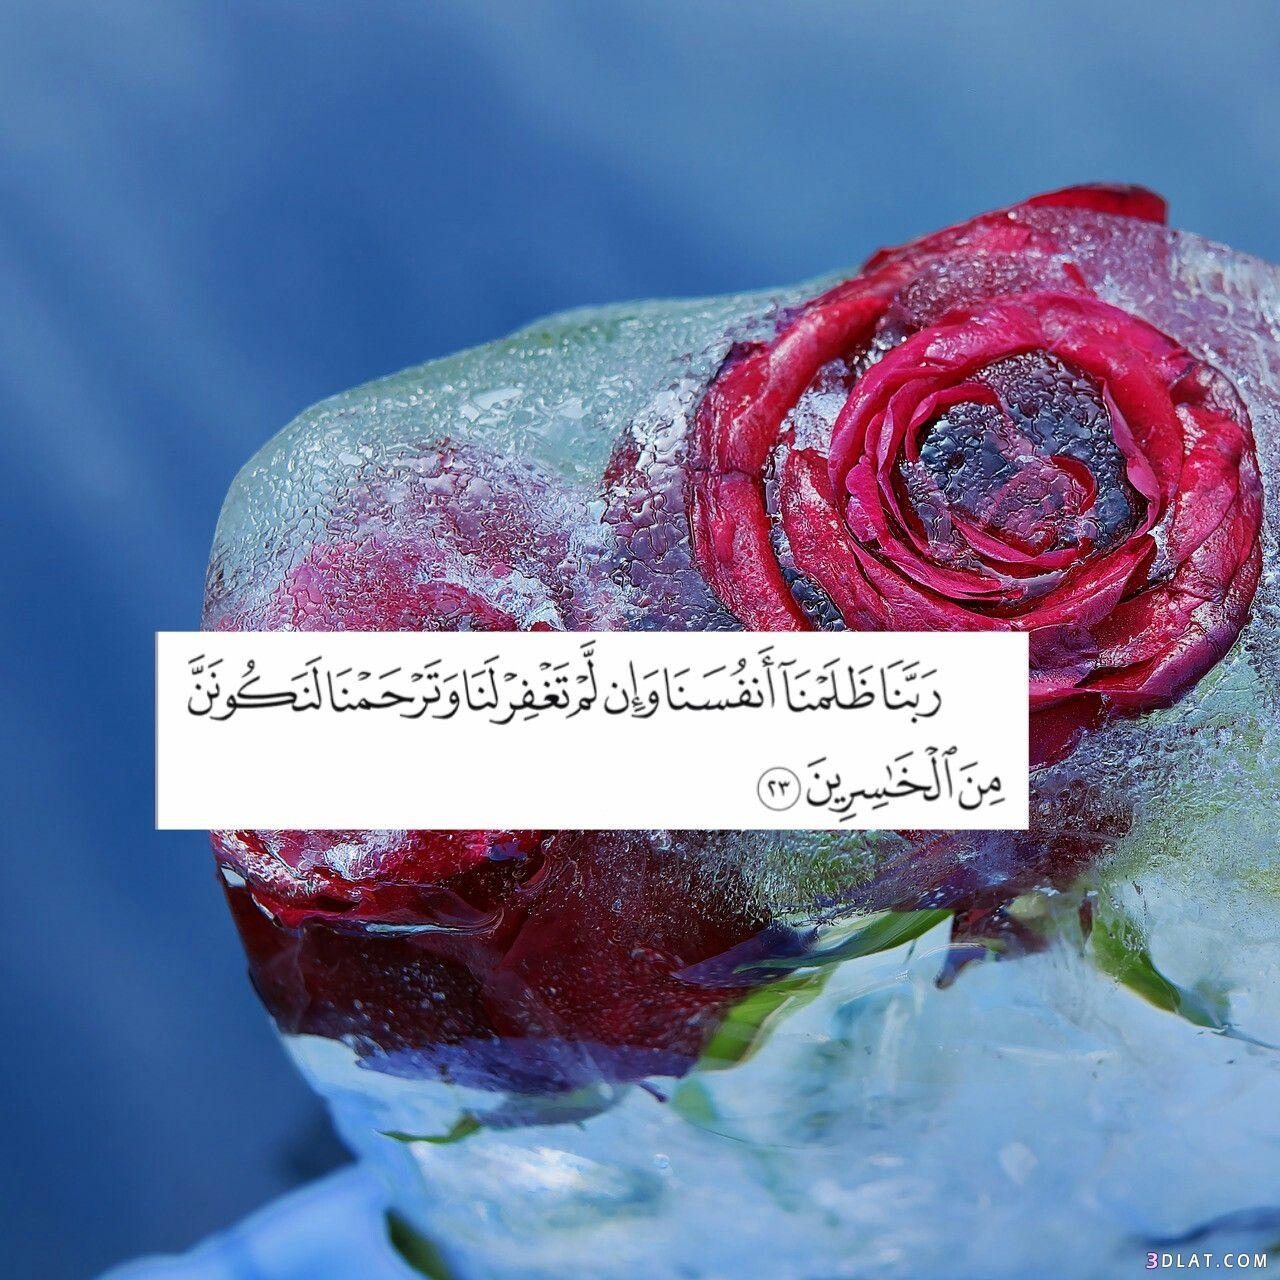 صور اسلامية جميلة جدا رمزيات اسلامية بطاقات اسلامية ادعية اسلامية Duaa Islam Islam